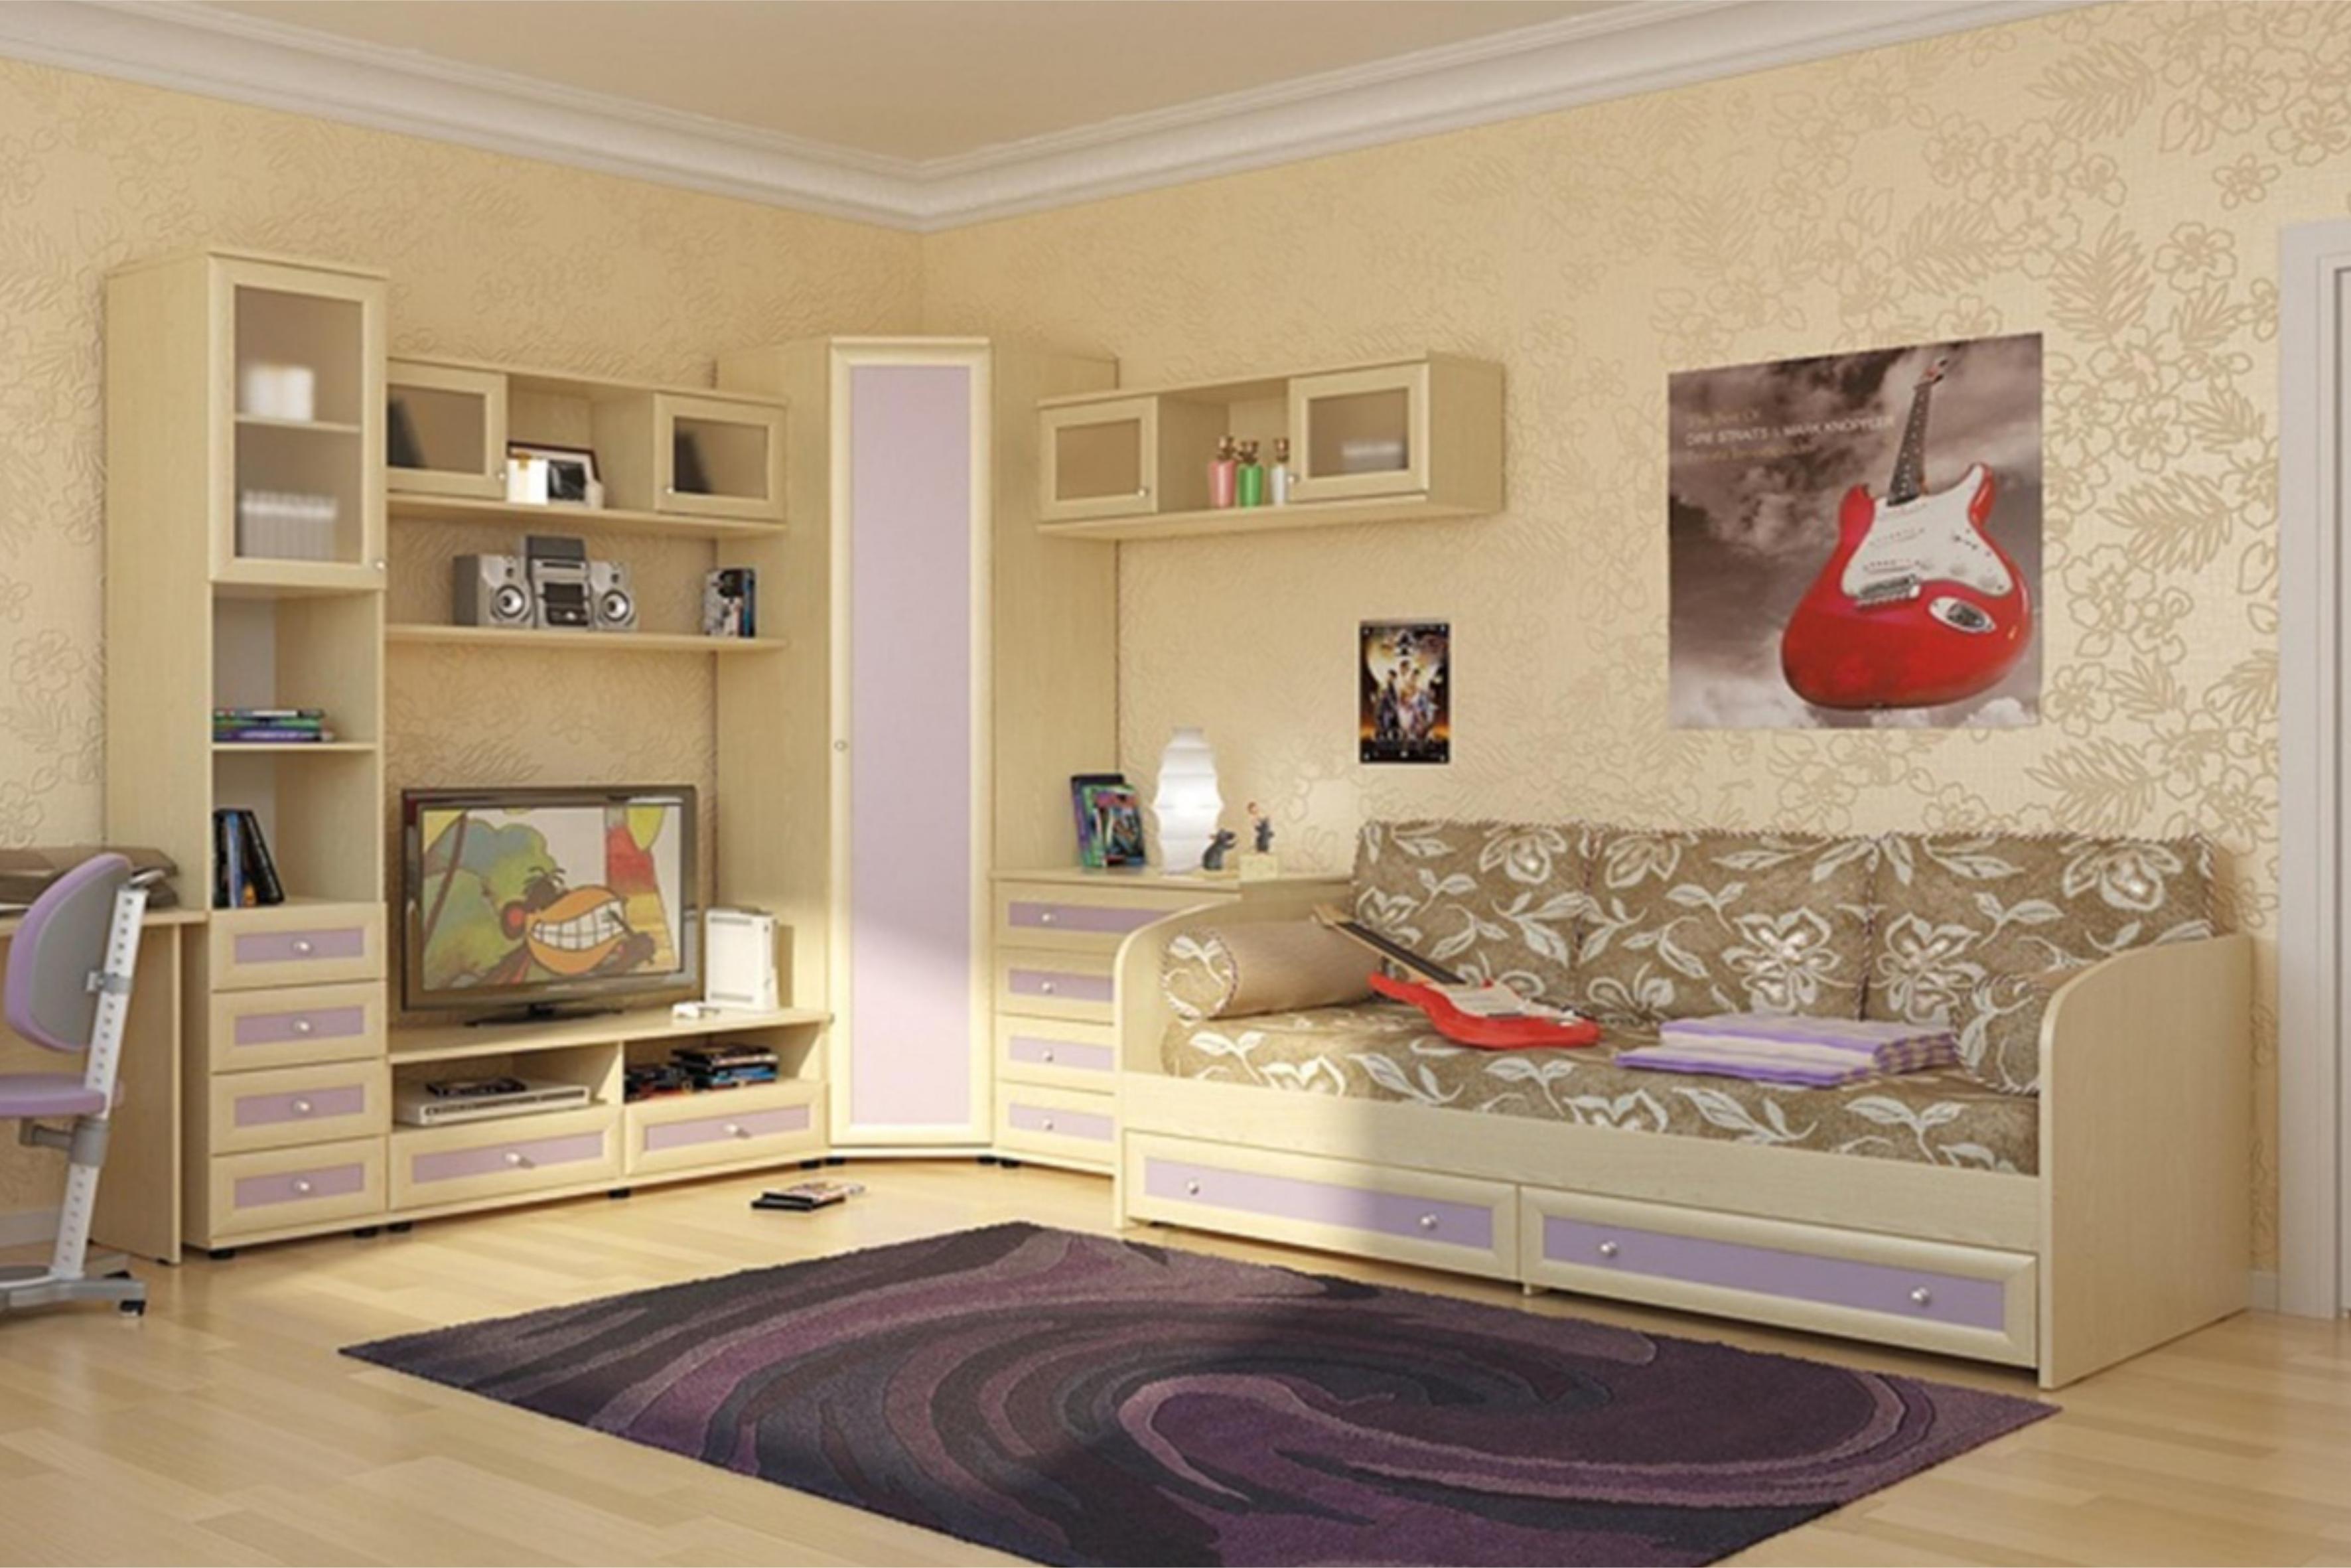 Детская комплект 1 - мебель недорого в москве.